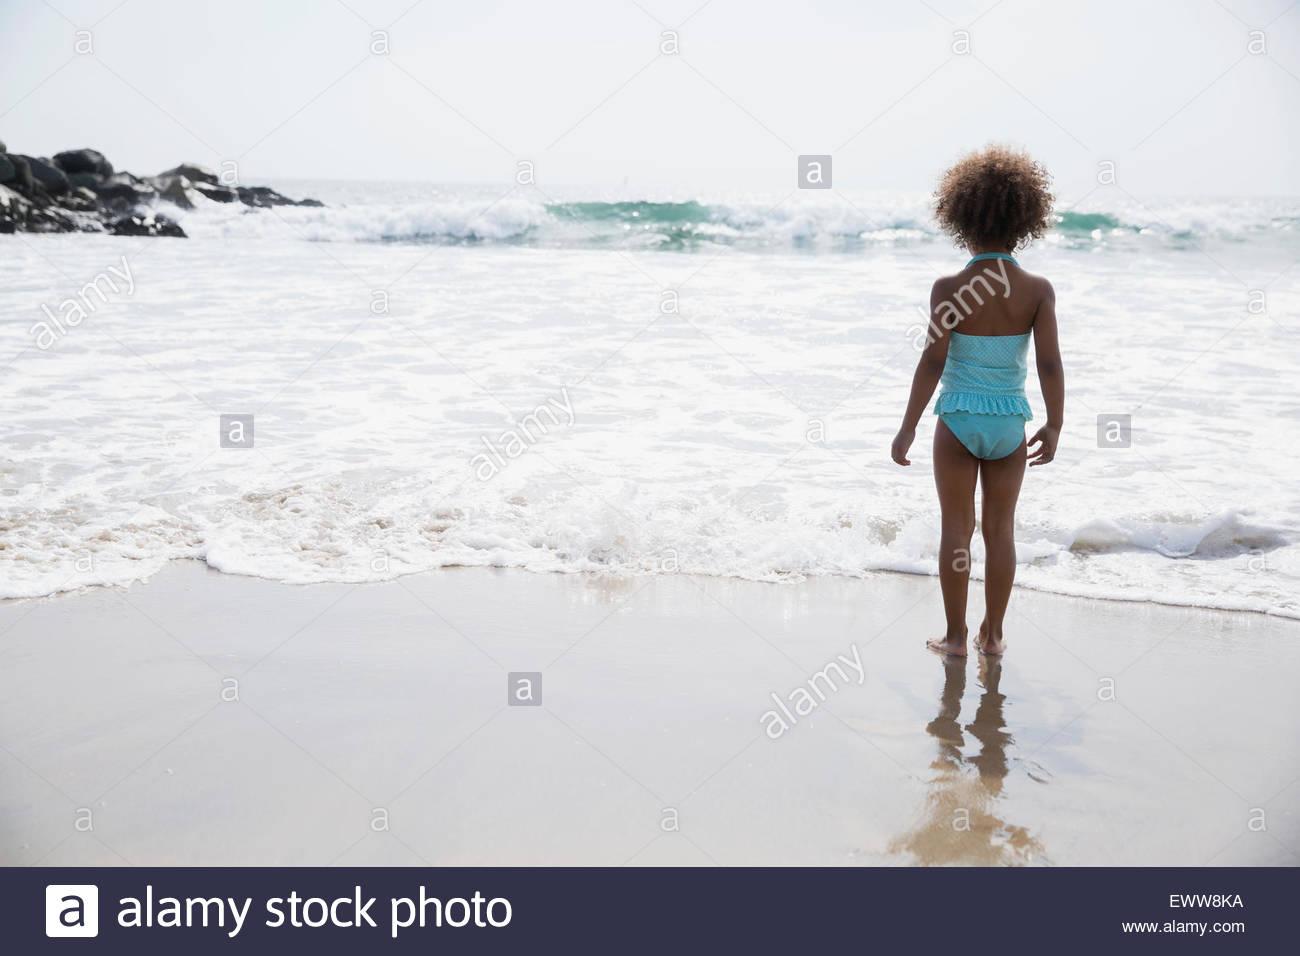 Mädchen im Badeanzug Blick auf Ozeanstrand Stockbild